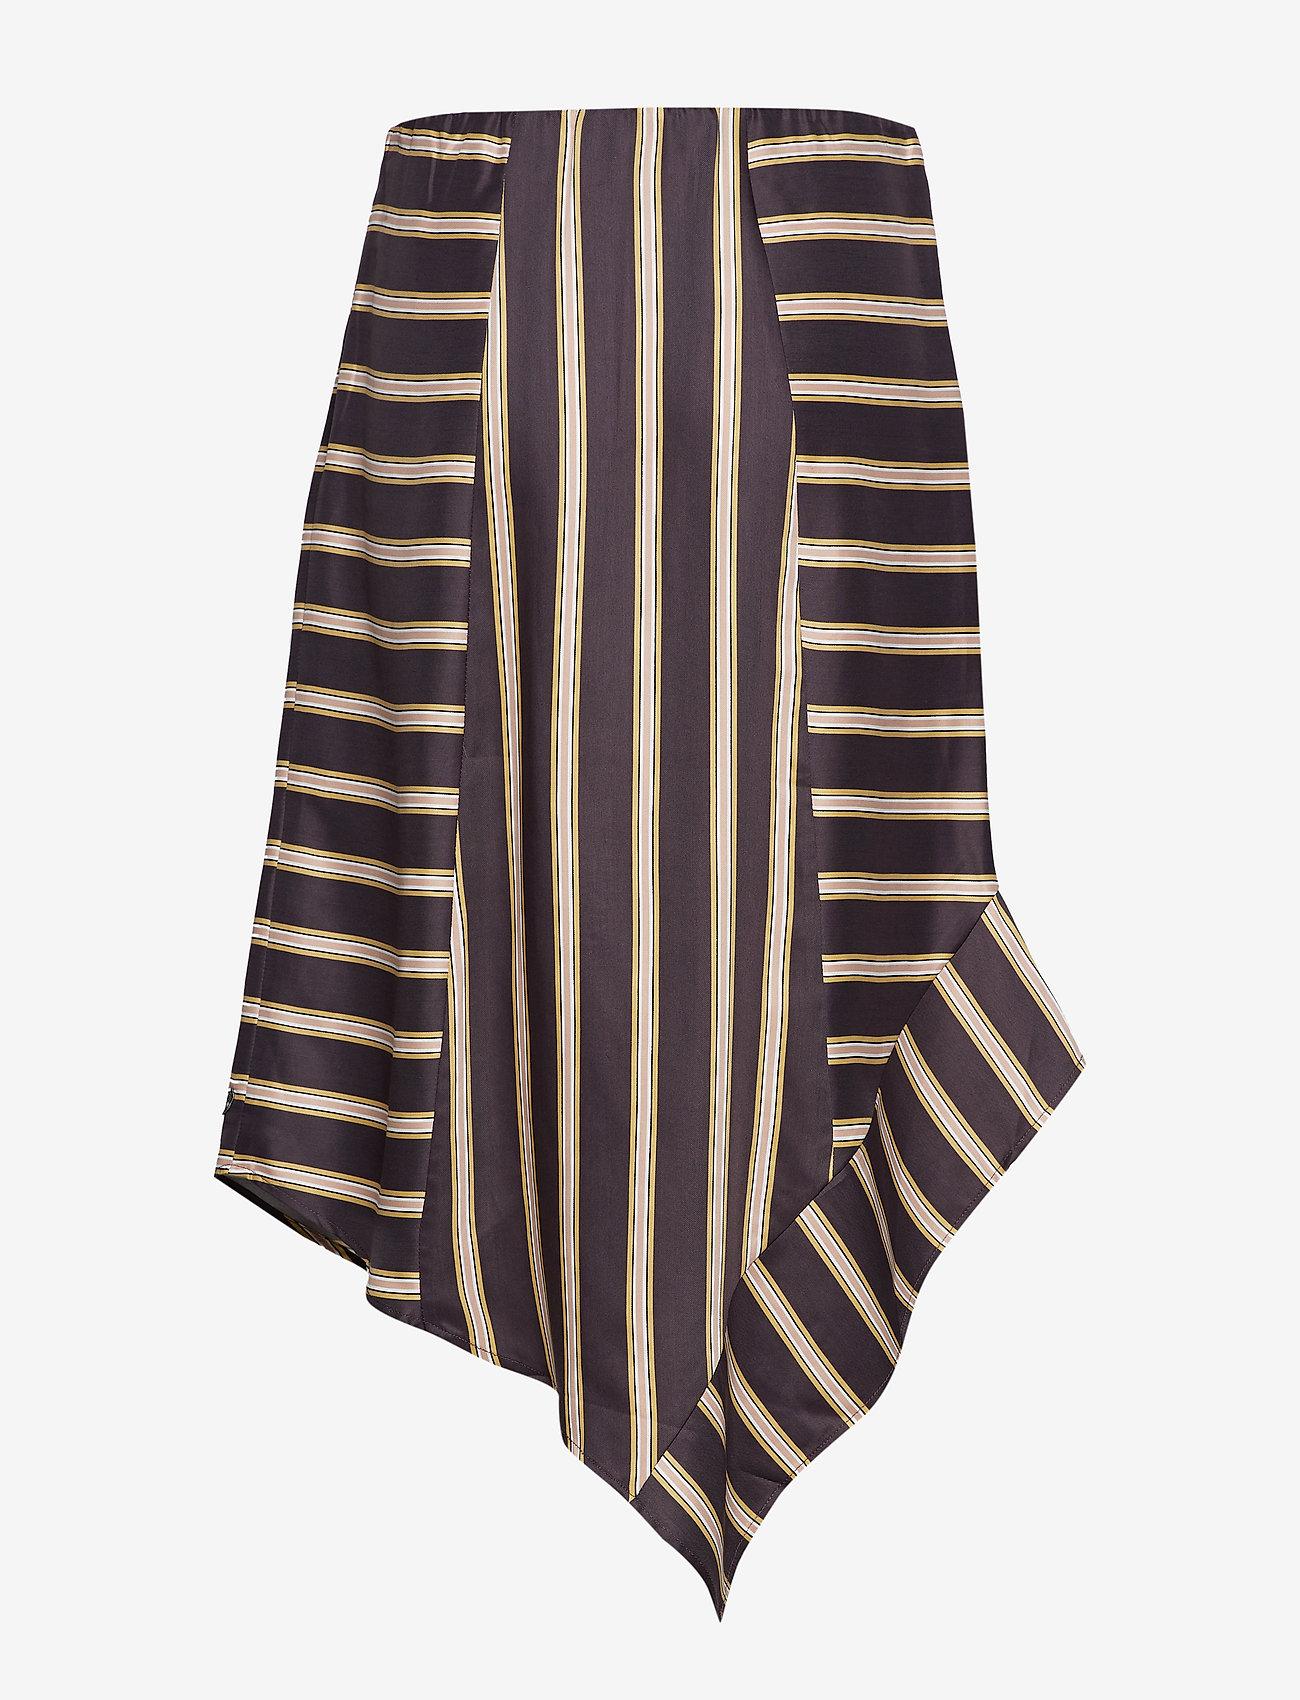 Skirt In Jacquard Stripes W. Asymme (Grey Plum Stripe) (359.70 kr) - Coster Copenhagen